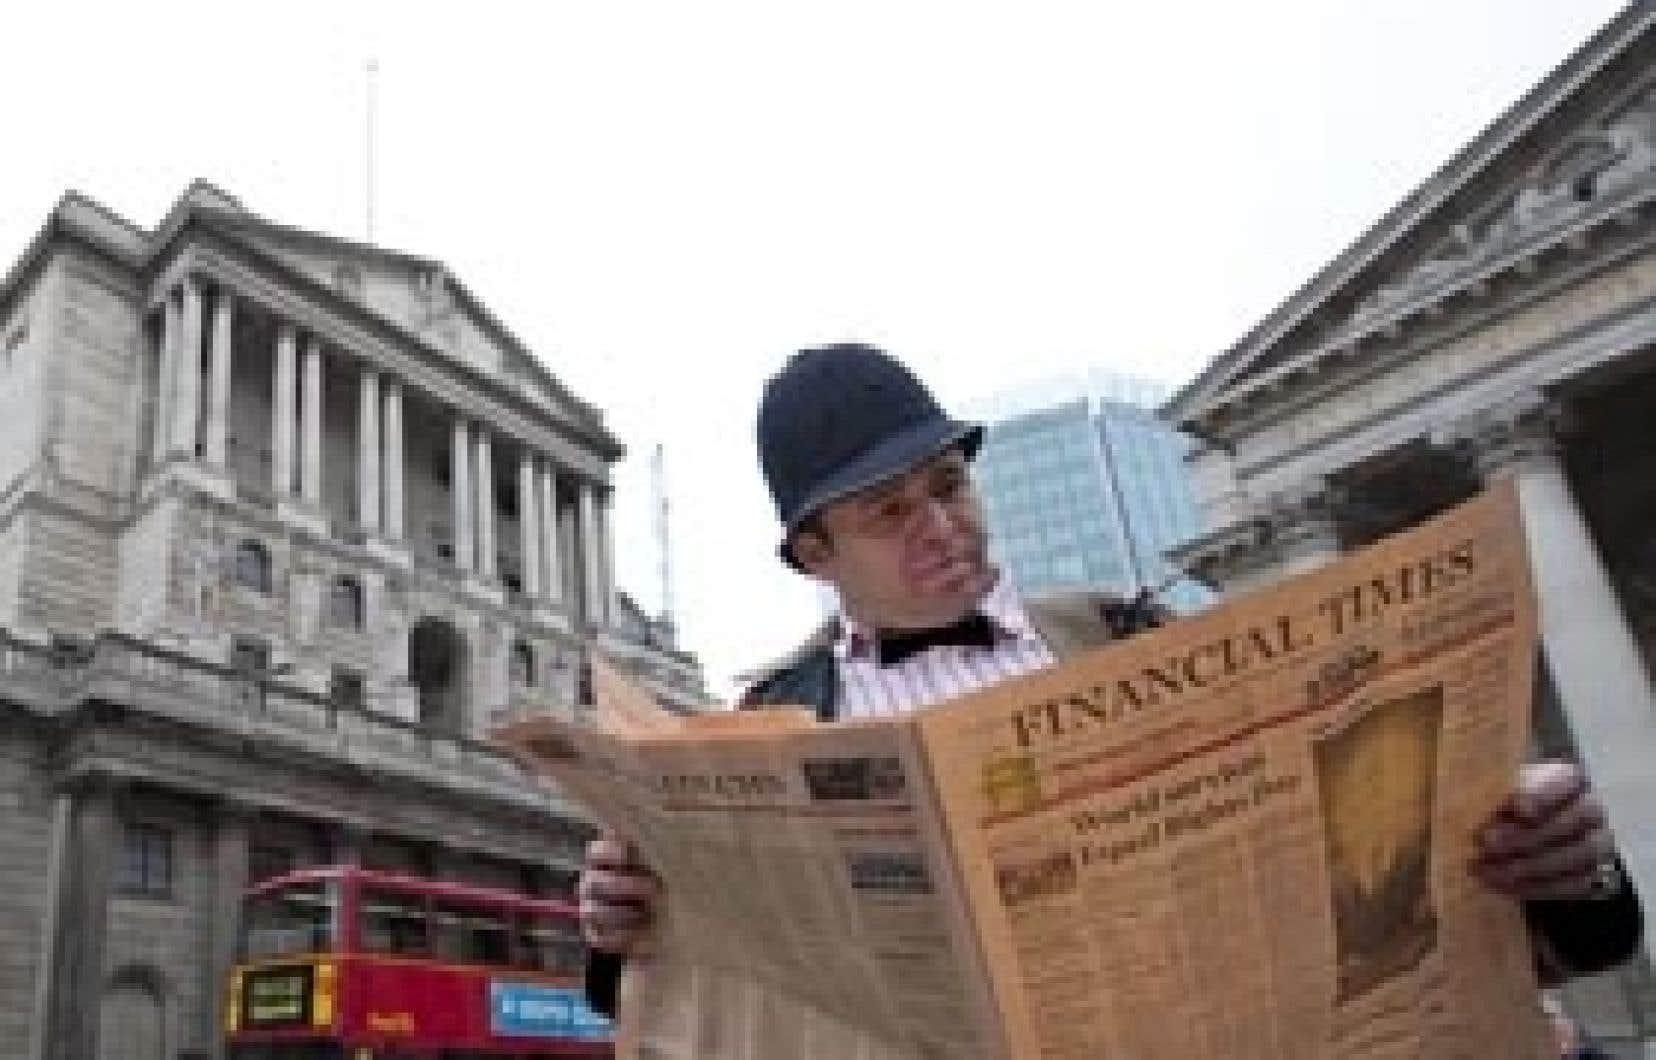 Un manifestant portant cravate et casque policier consulte une fausse édition du Financial Times devant la Banque d'Angleterre.